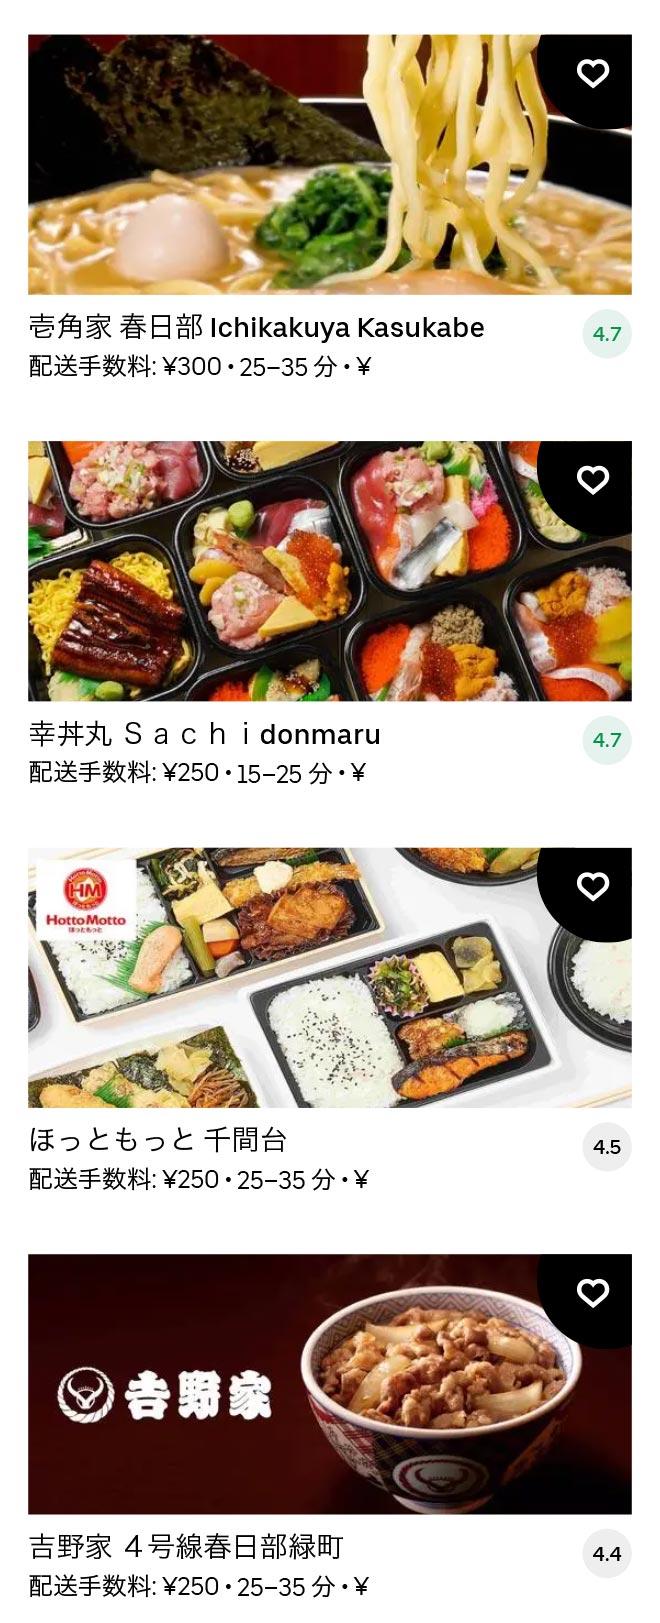 Takesato menu 2101 02